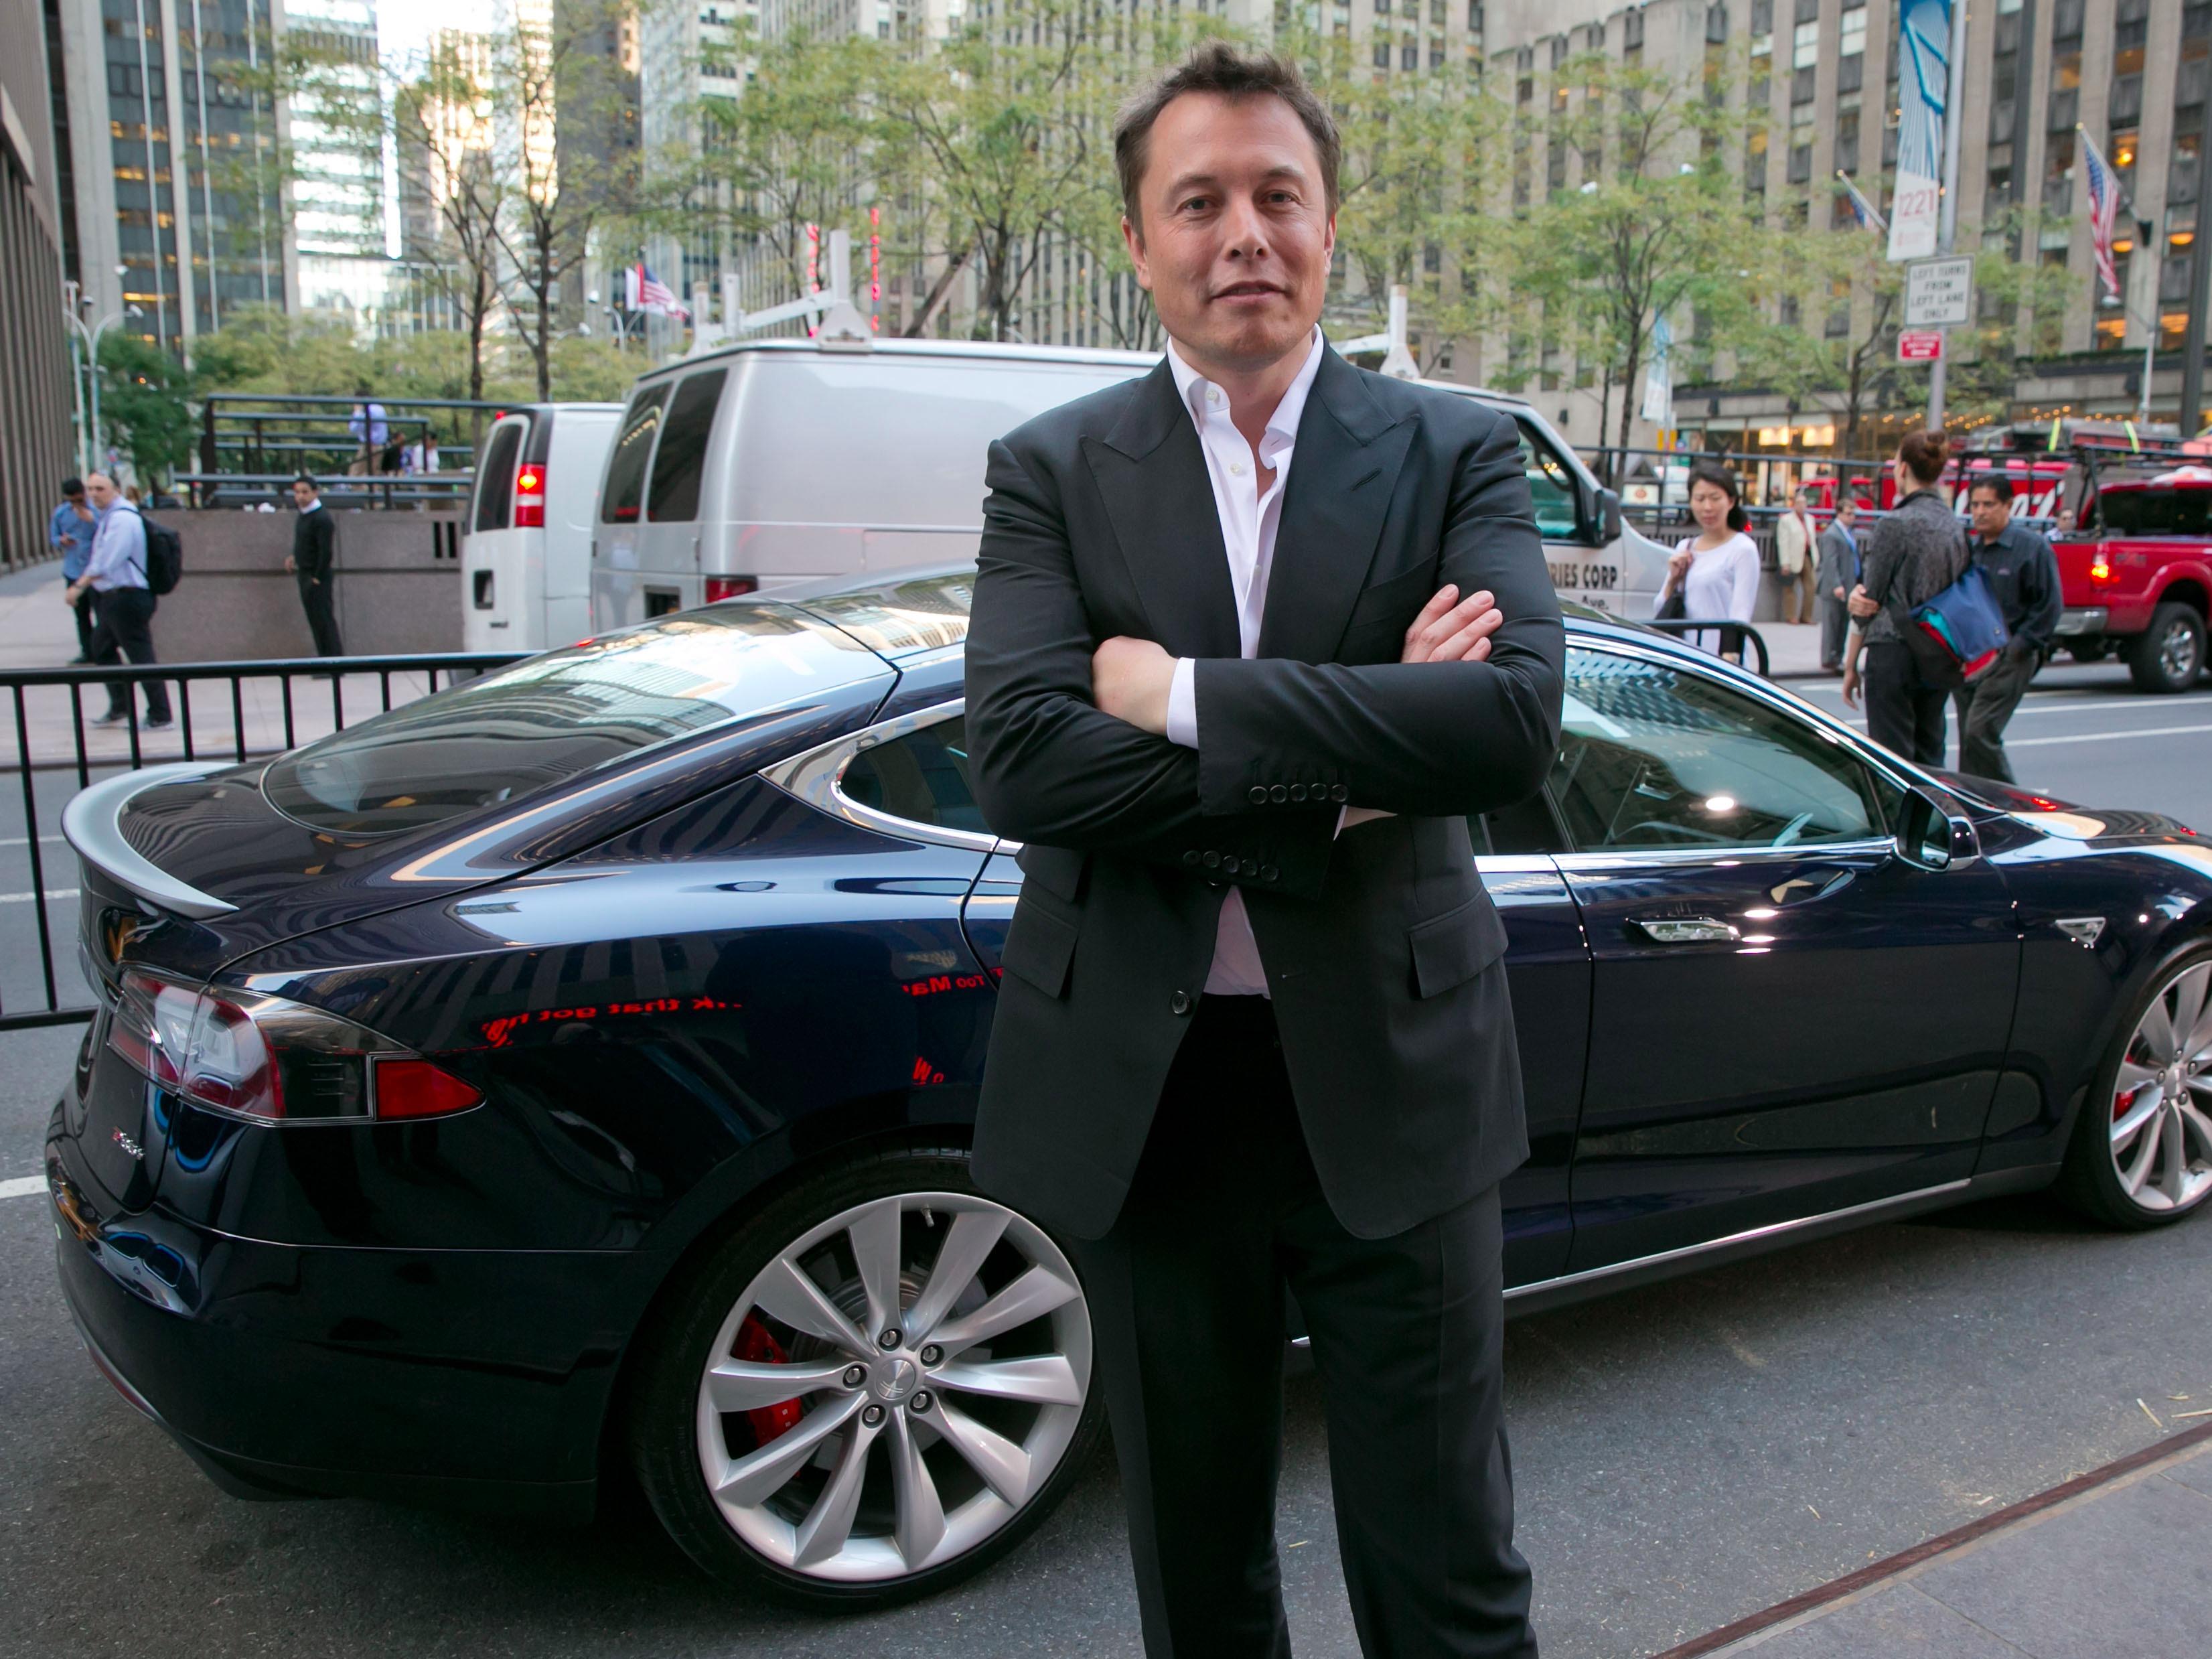 Səhər yeməyindən imtina edən, email və telefon zənglərinə cavab verməyən Elon Maskın gündəlik rejimi - Bizplus.az